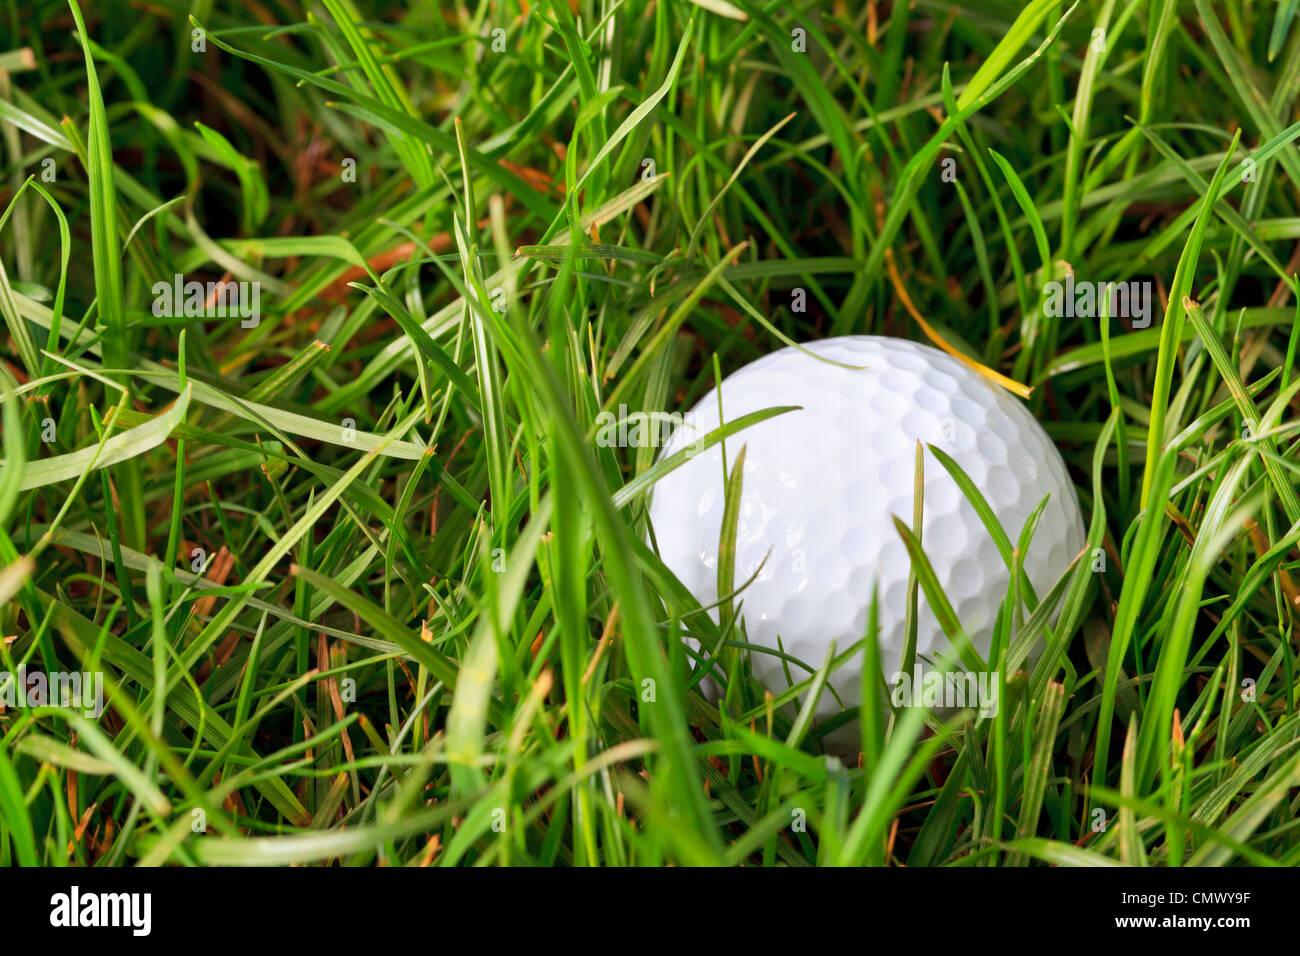 Foto eines Golfballs liegen in der rauen Wiese Stockbild